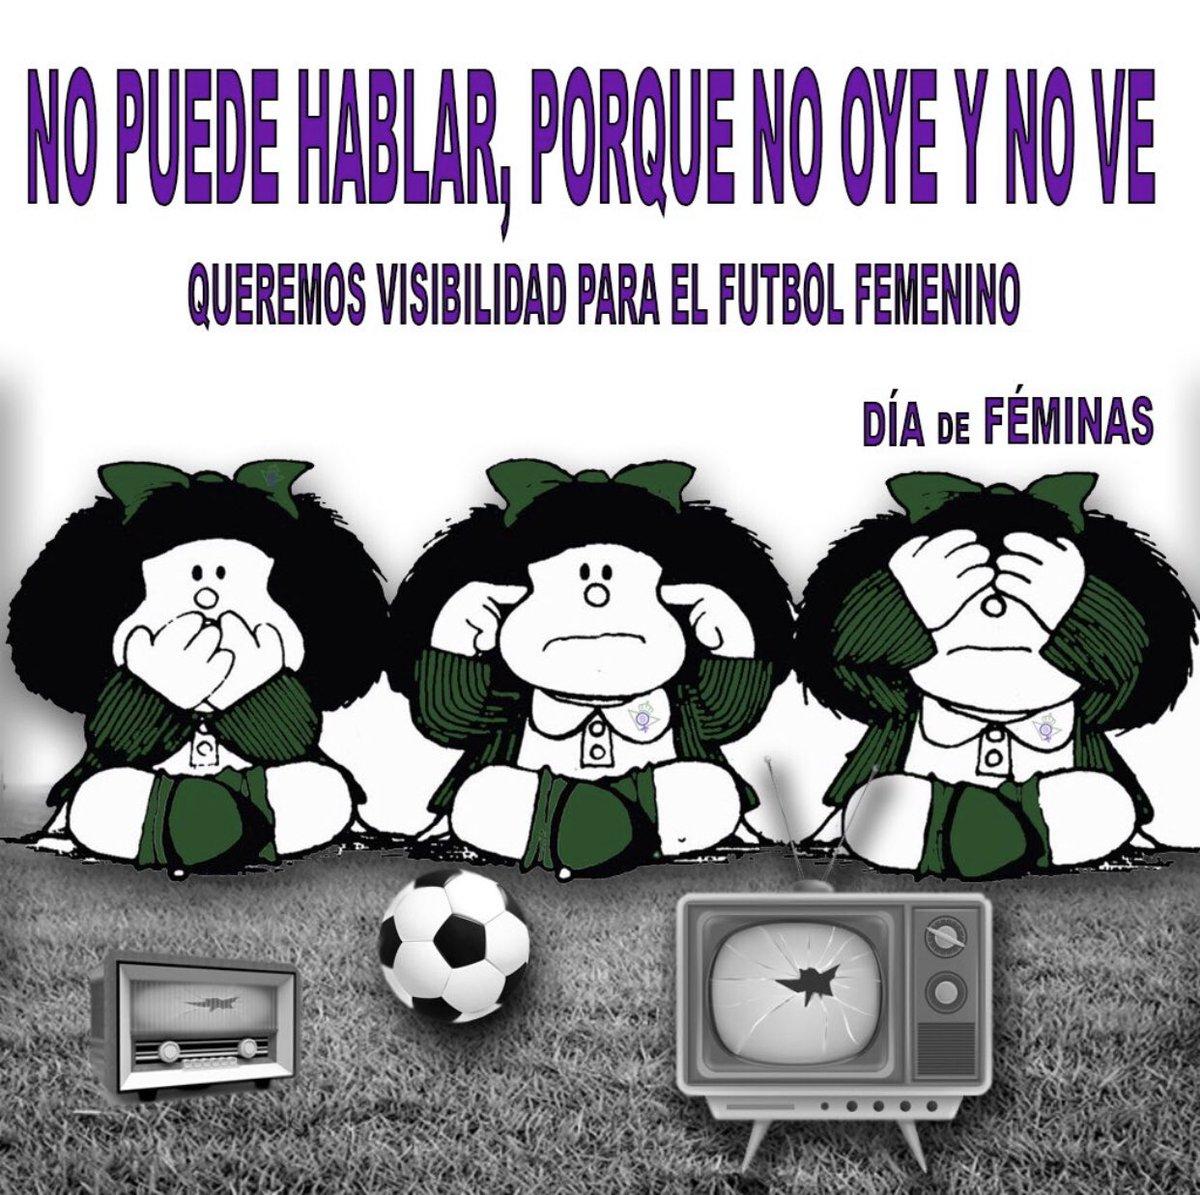 @DiaDeFeminas Queremos que el fútbol femenino siga creciendo, para ello la cobertura televisiva es fundamental #PrimeraIberdrola #DíaDePartido #AthleticRealBetis  @RealBetisFem #3ªJornada #BetisFéminas #VuelveElFutFem